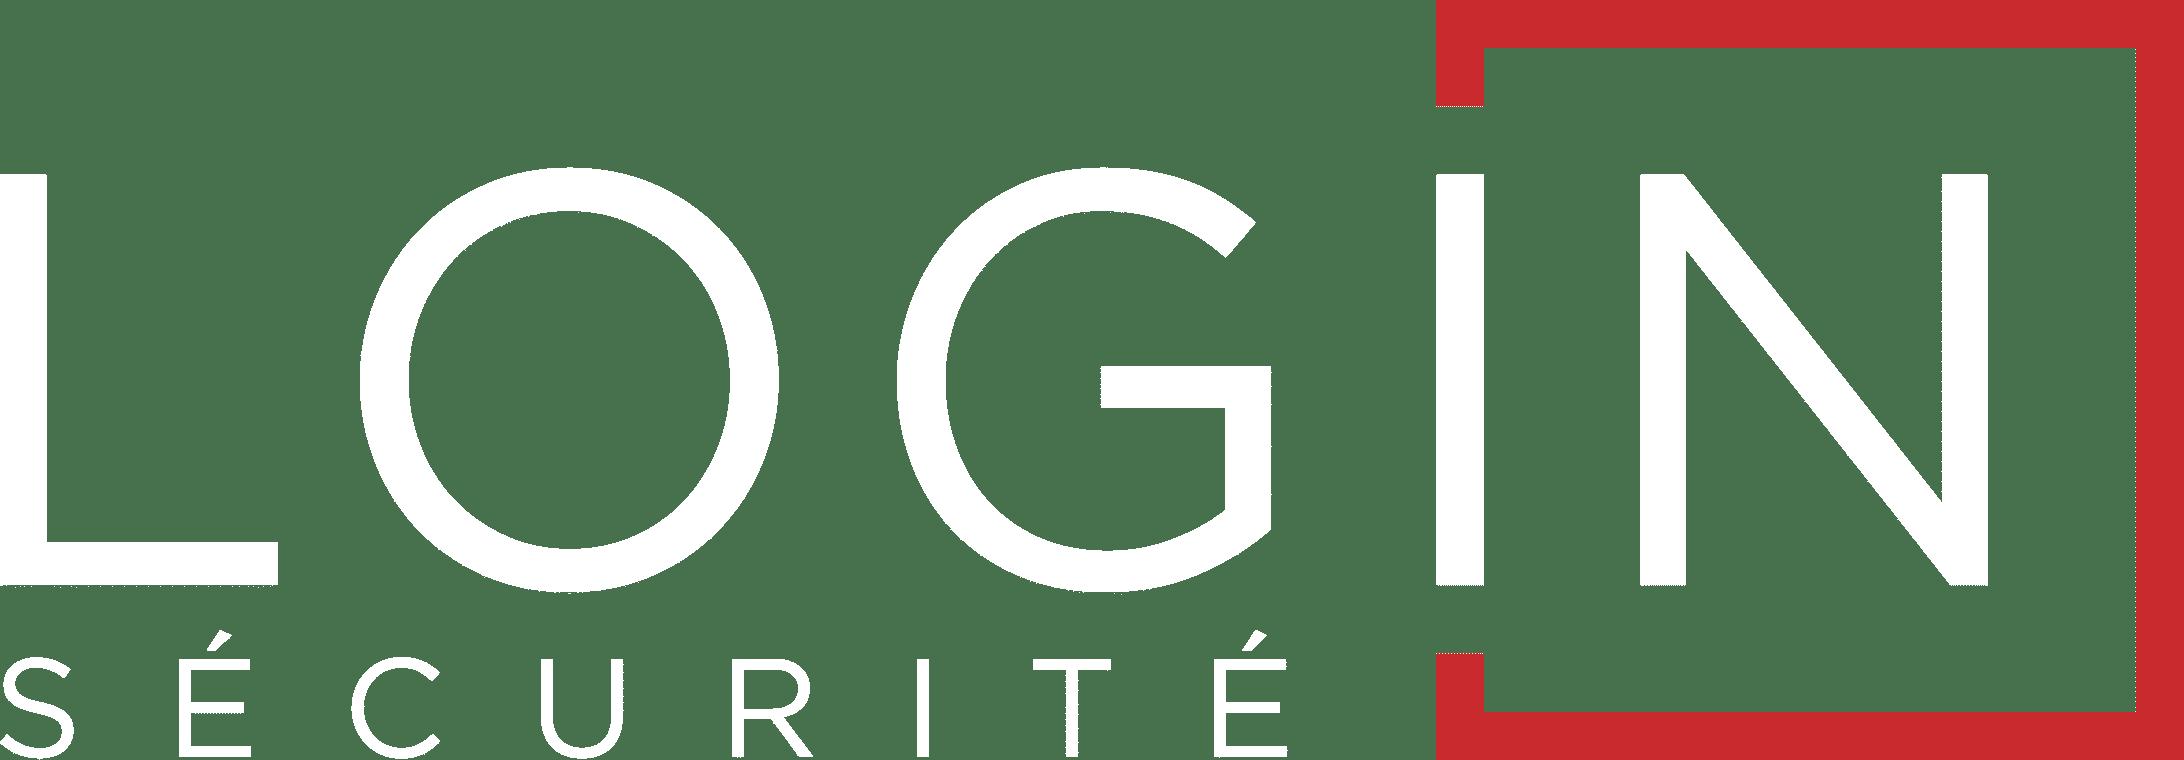 www.login-securite.com